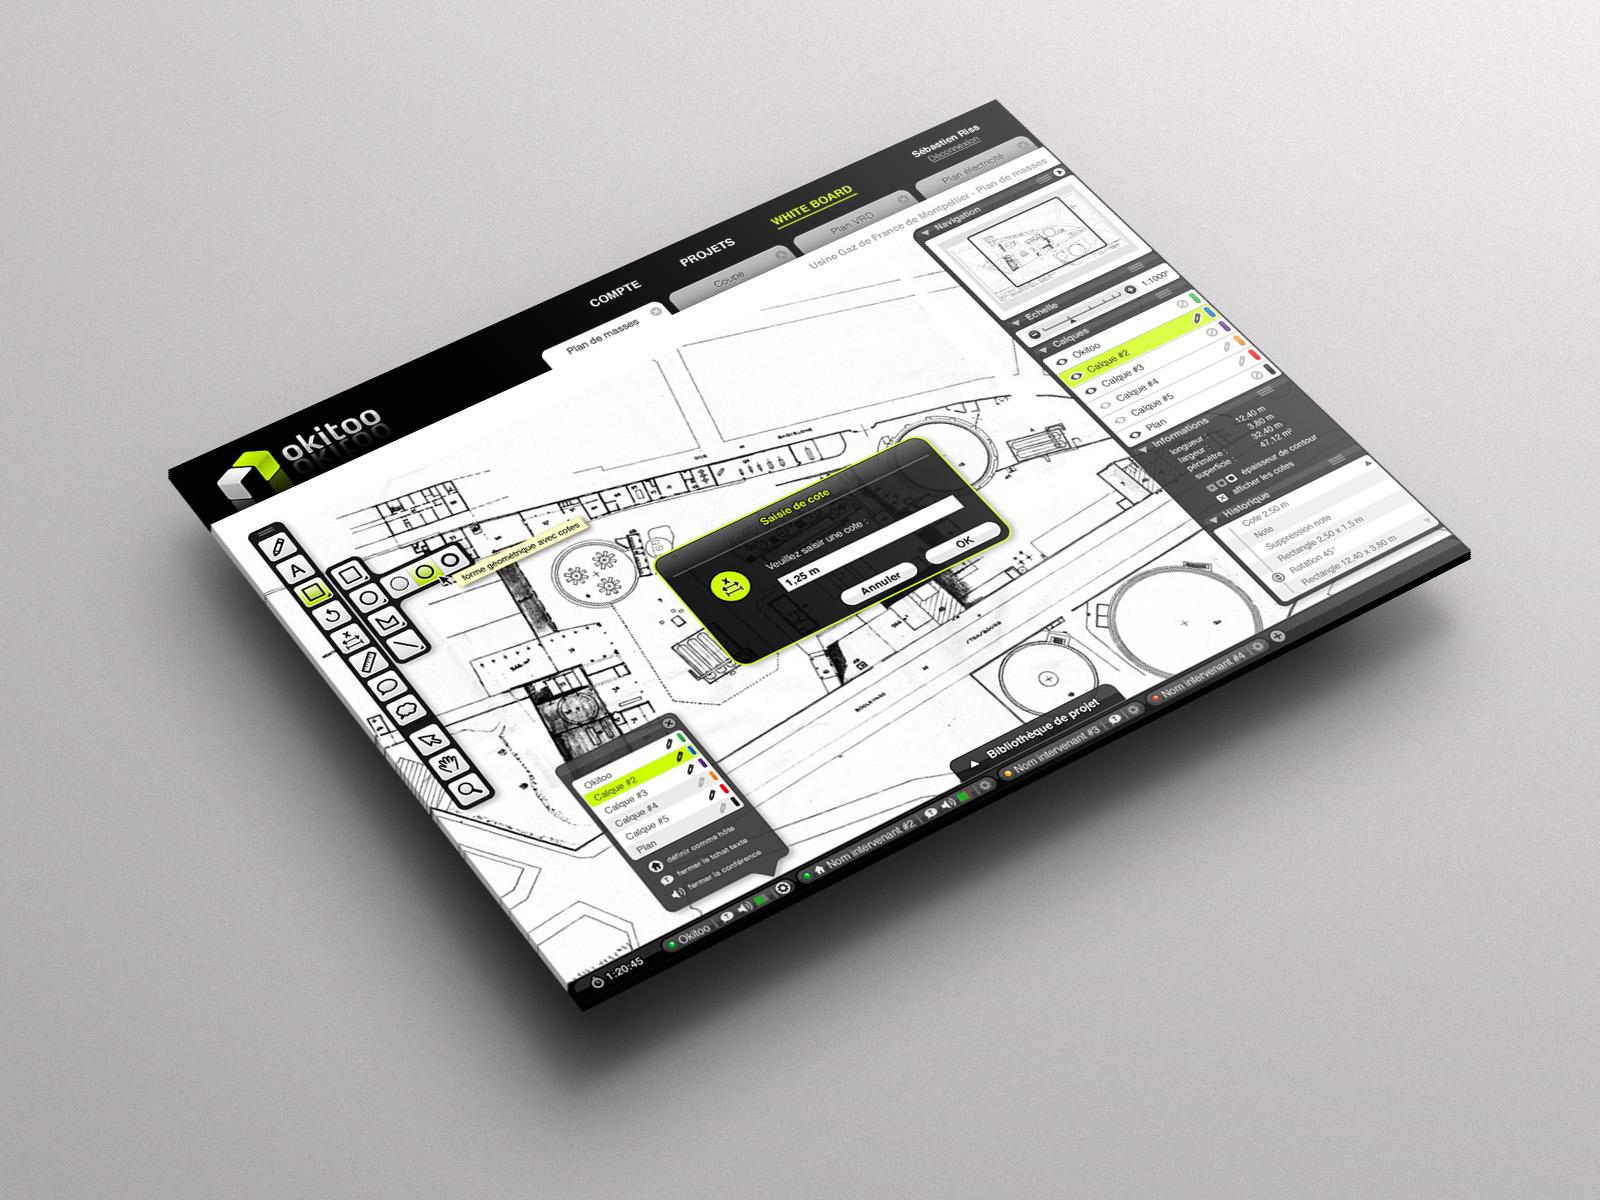 Okitoo - Interface 3